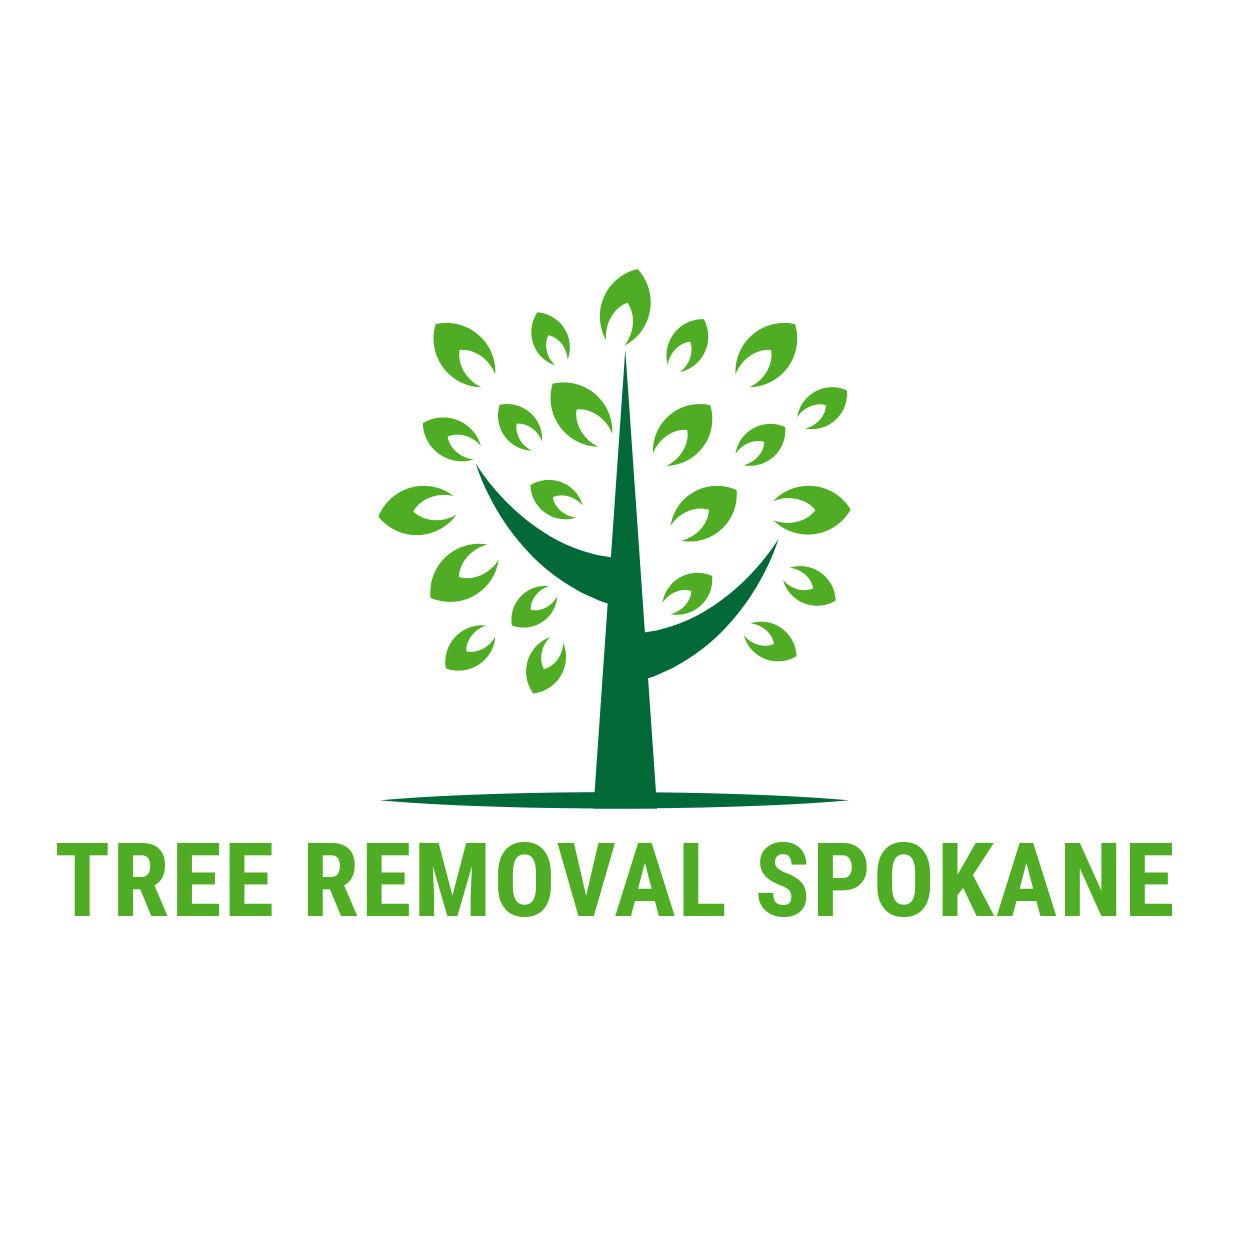 Tree Removal Spokane logo.jpg